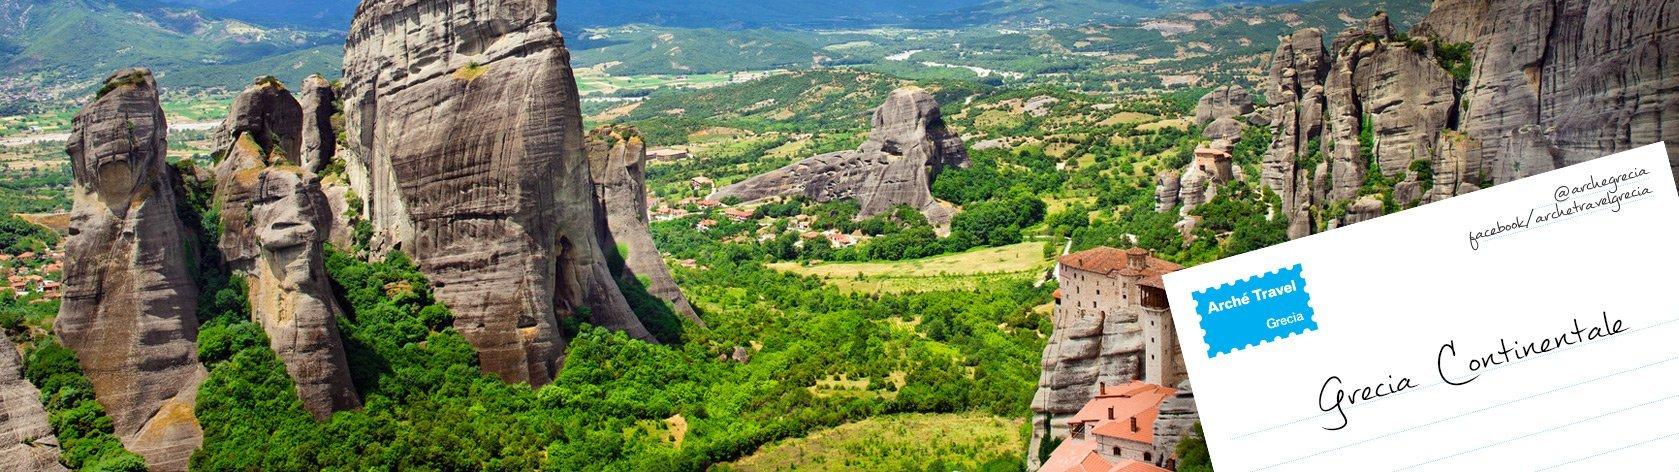 CATALOGHI Viaggi Grecia Continentale Tour Grecia Continentale - Arché Travel - Tour Operator Grecia Continentale